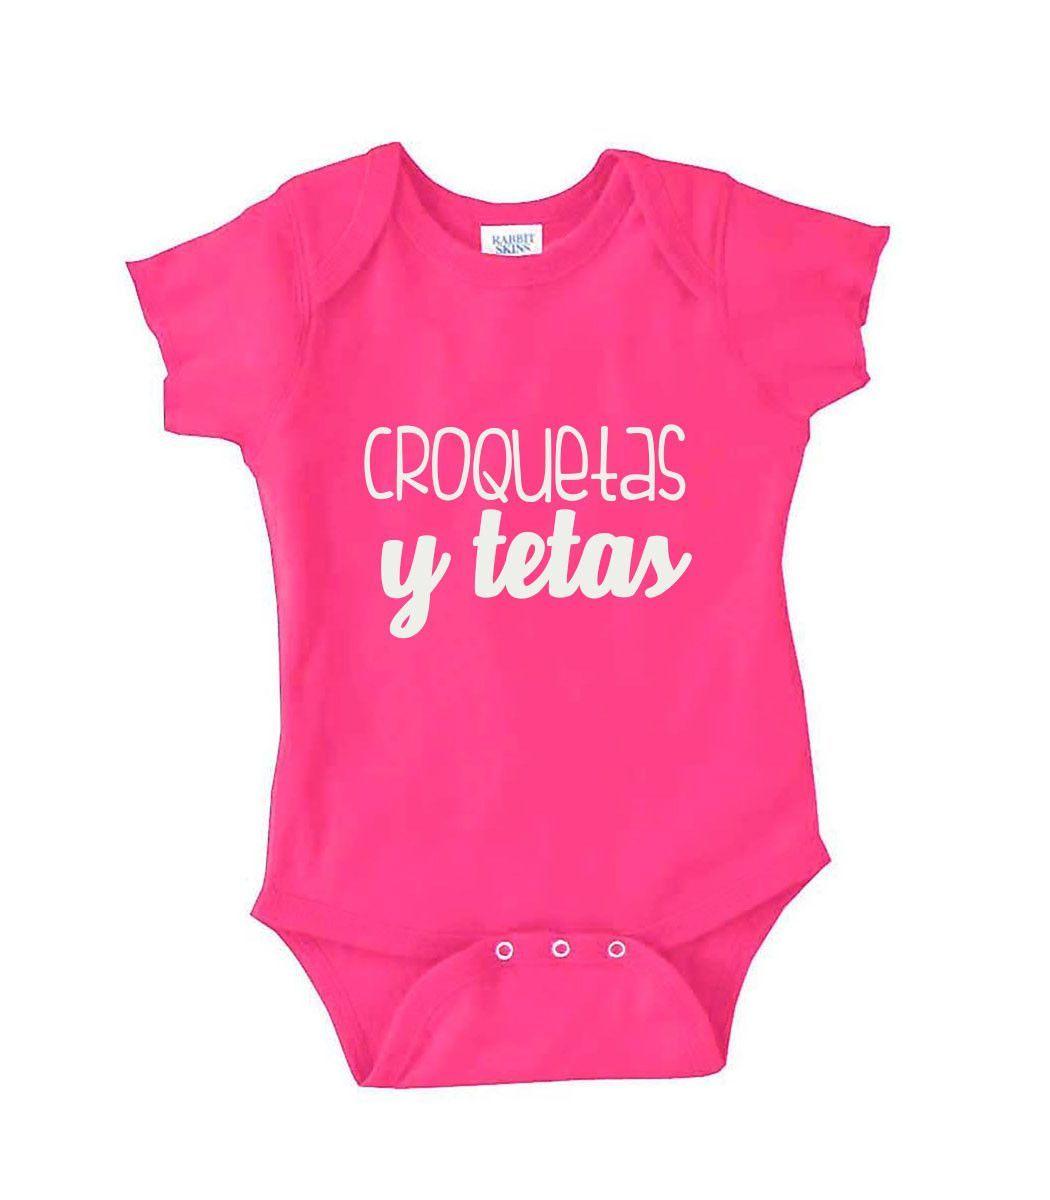 y Tetas - Babies